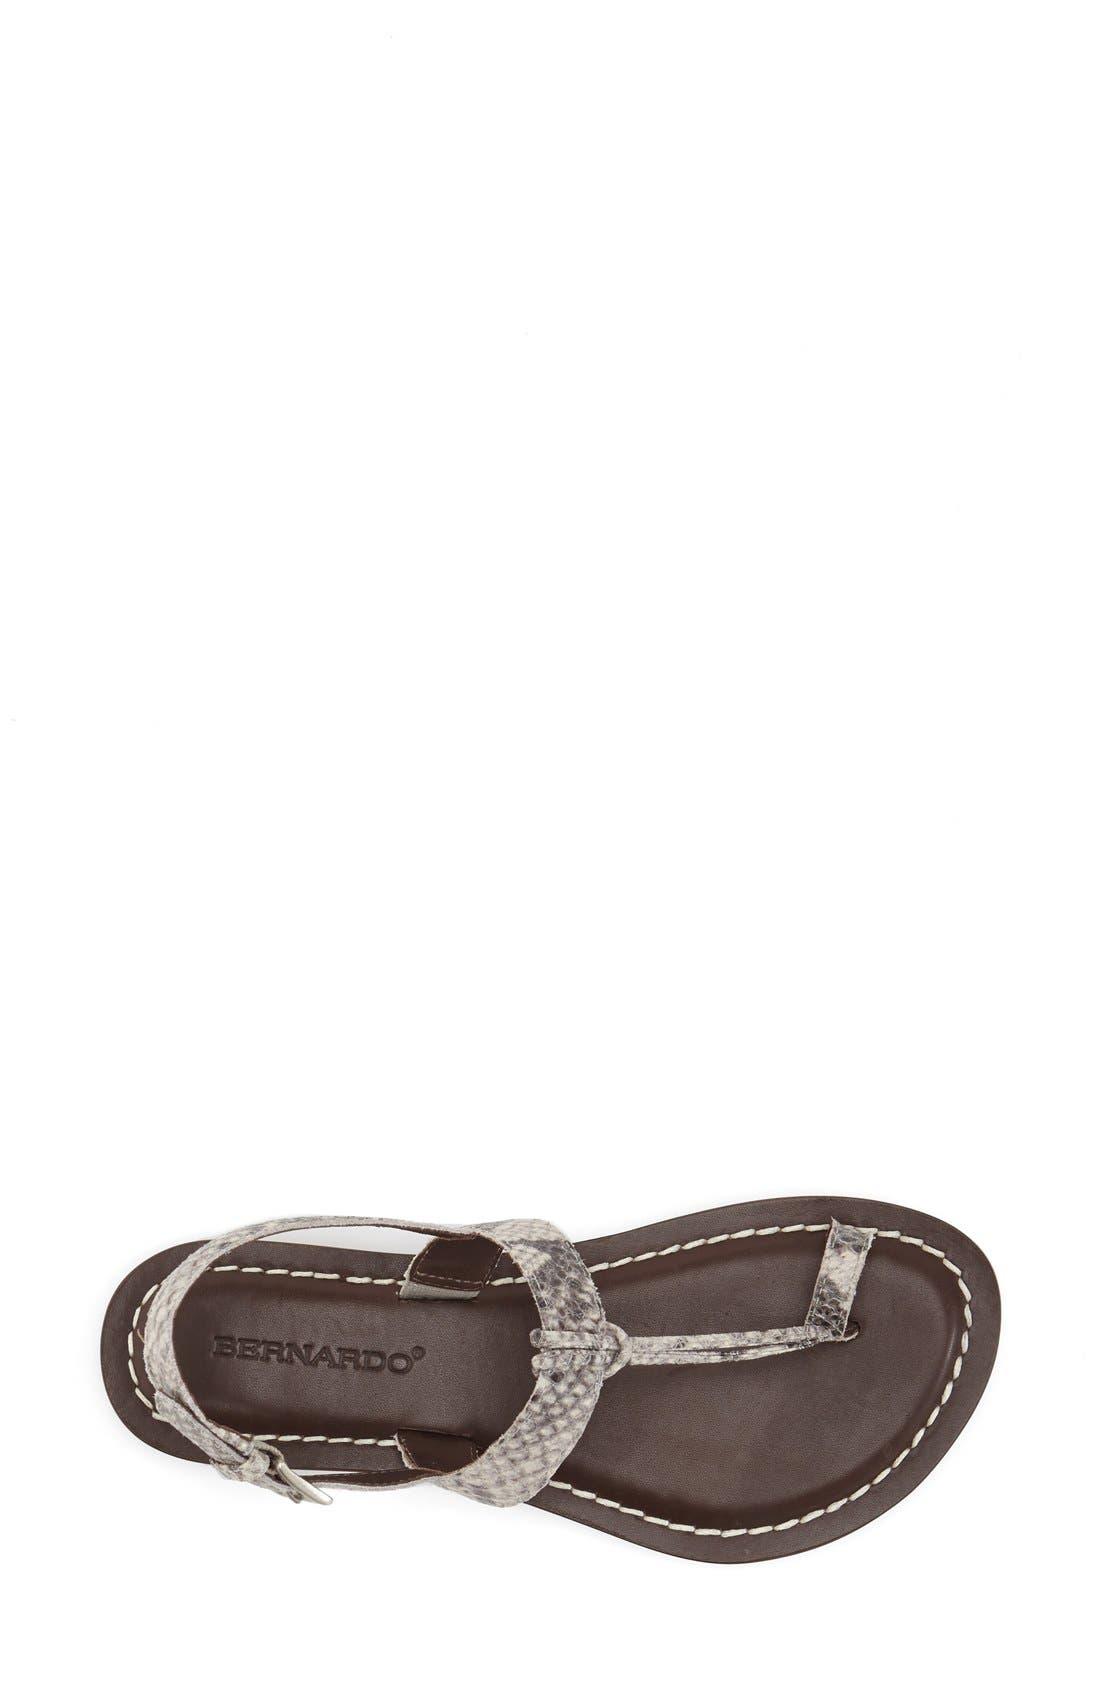 Bernardo Maverick Leather Sandal,                             Alternate thumbnail 3, color,                             Taupe Snake Print